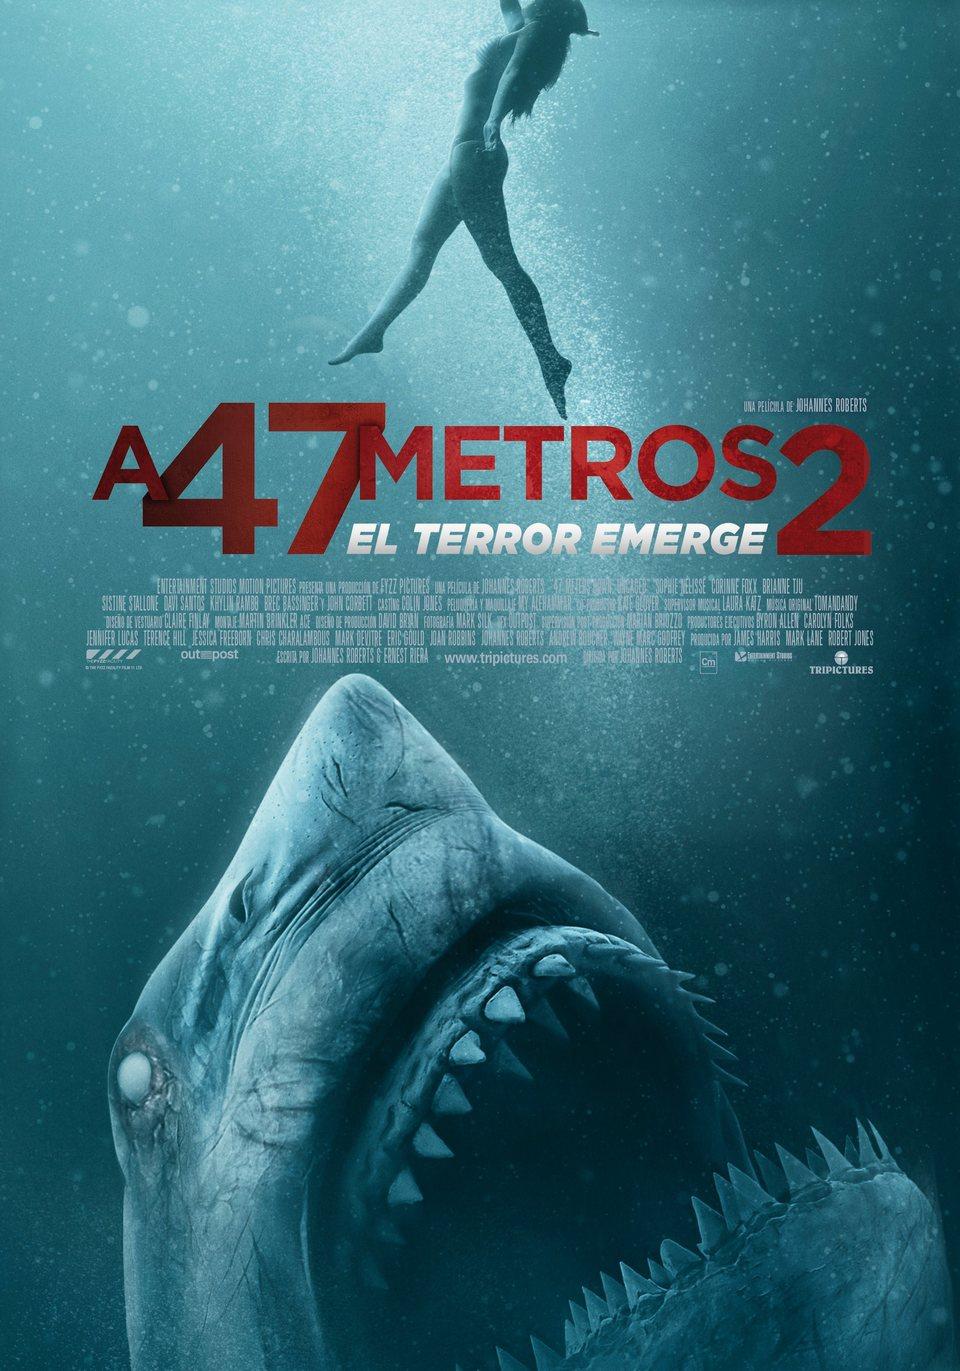 Cartel 'A 47 metros 2: El terror emerge' de 'A 47 metros 2: El terror emerge'